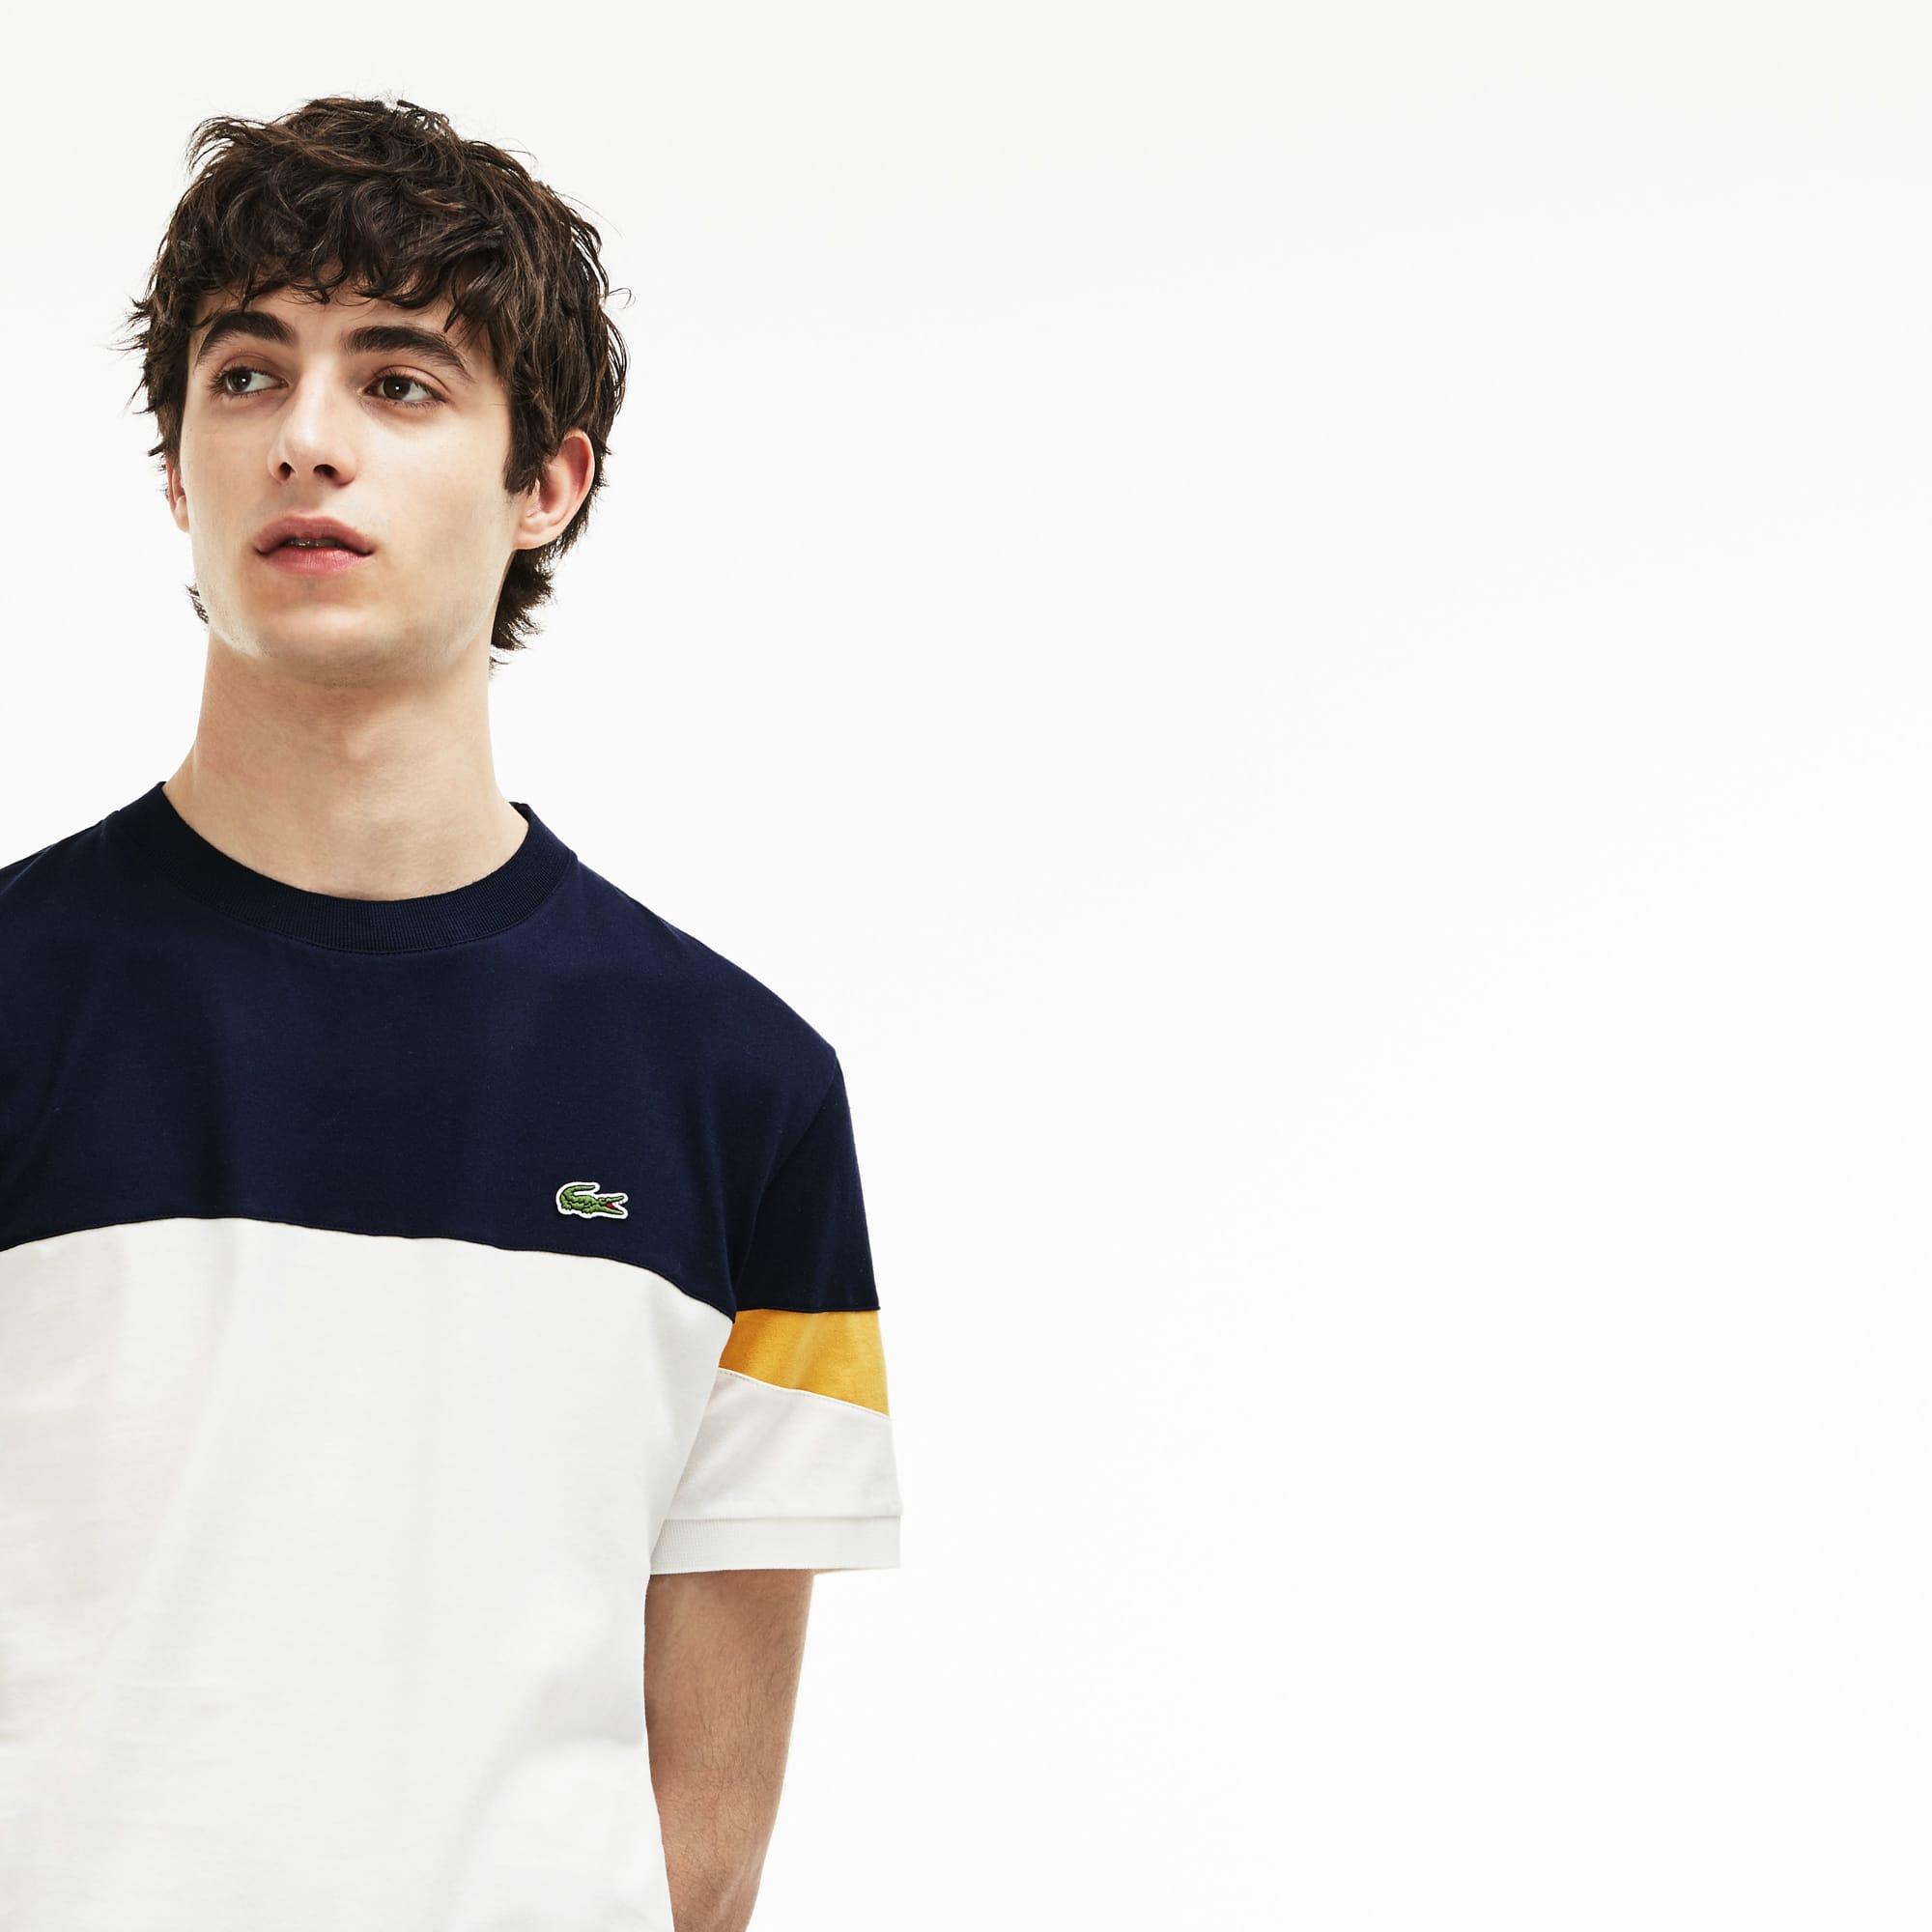 Lacoste - Herren Rundhals-Shirt aus Jersey im Colorblock-Design - 6